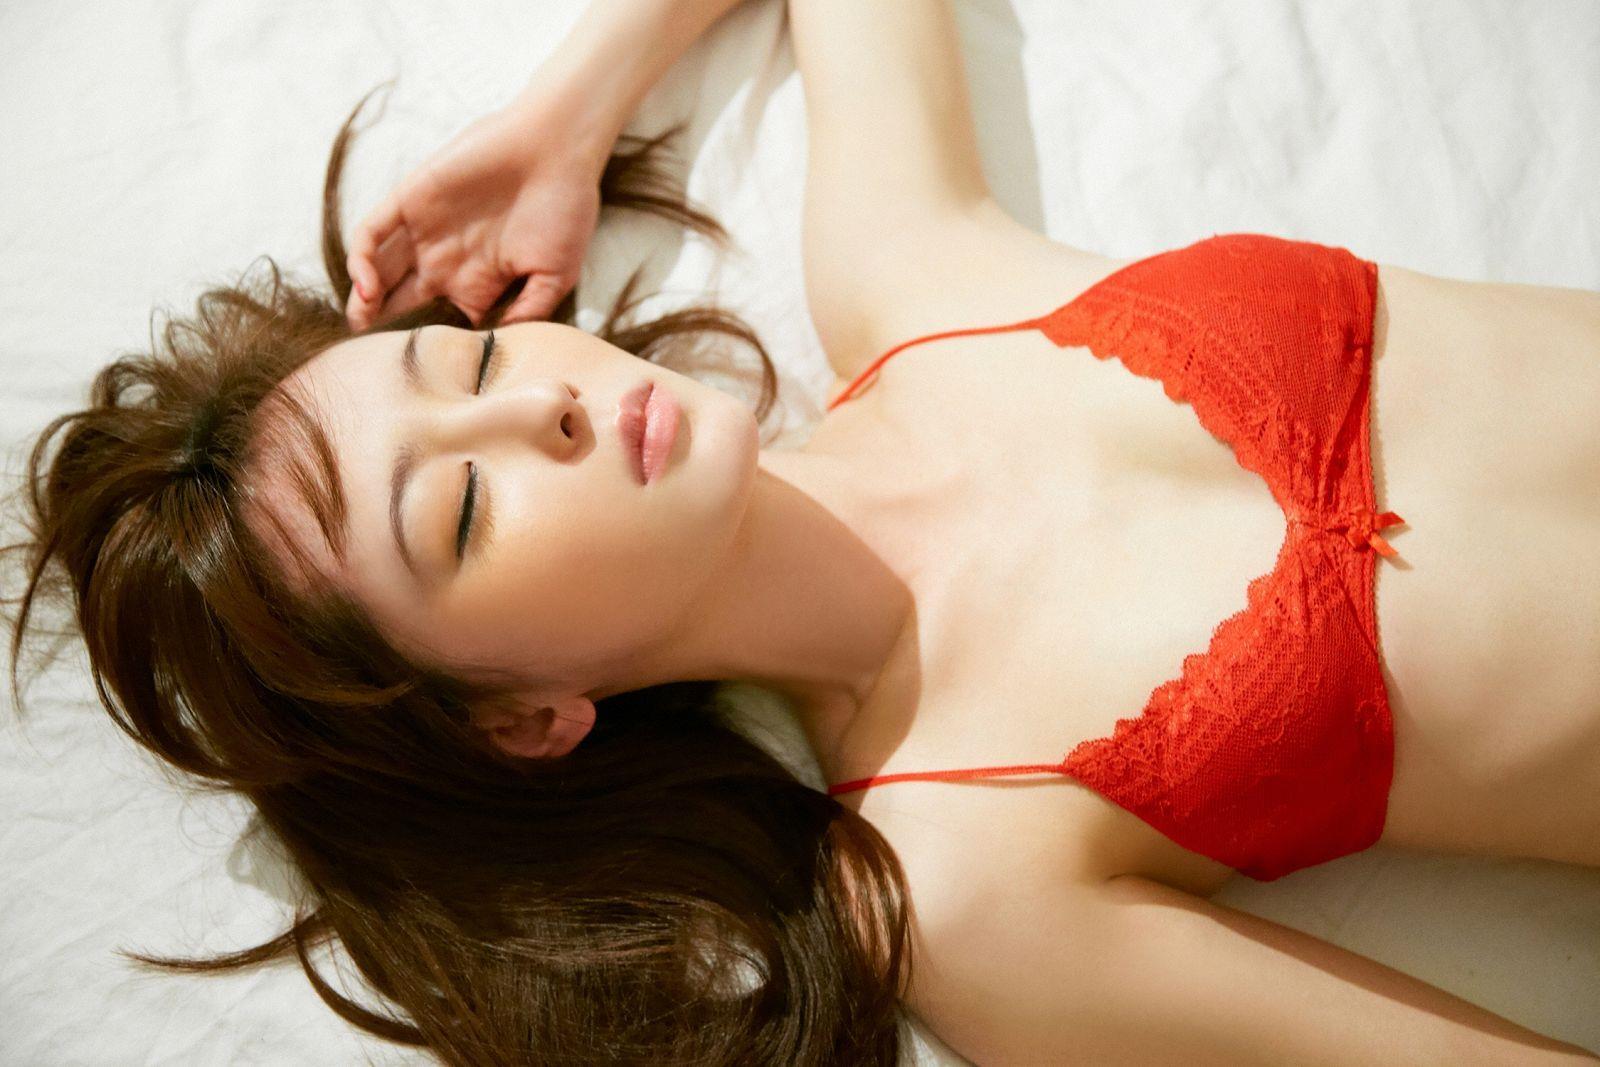 秋山莉奈 画像 31